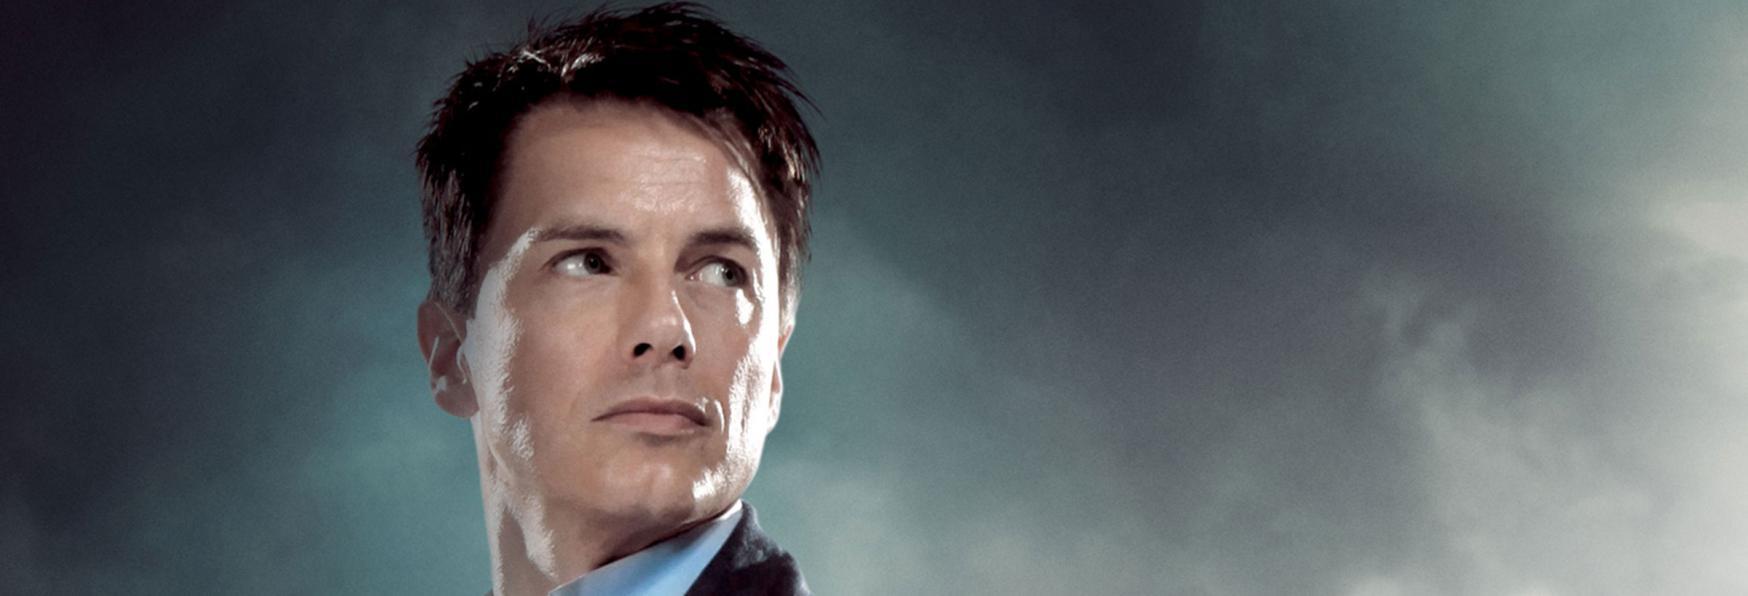 Doctor Who 12: John Barrowman tornerà nei panni del Capitano Jack Harkness nello Special Natalizio